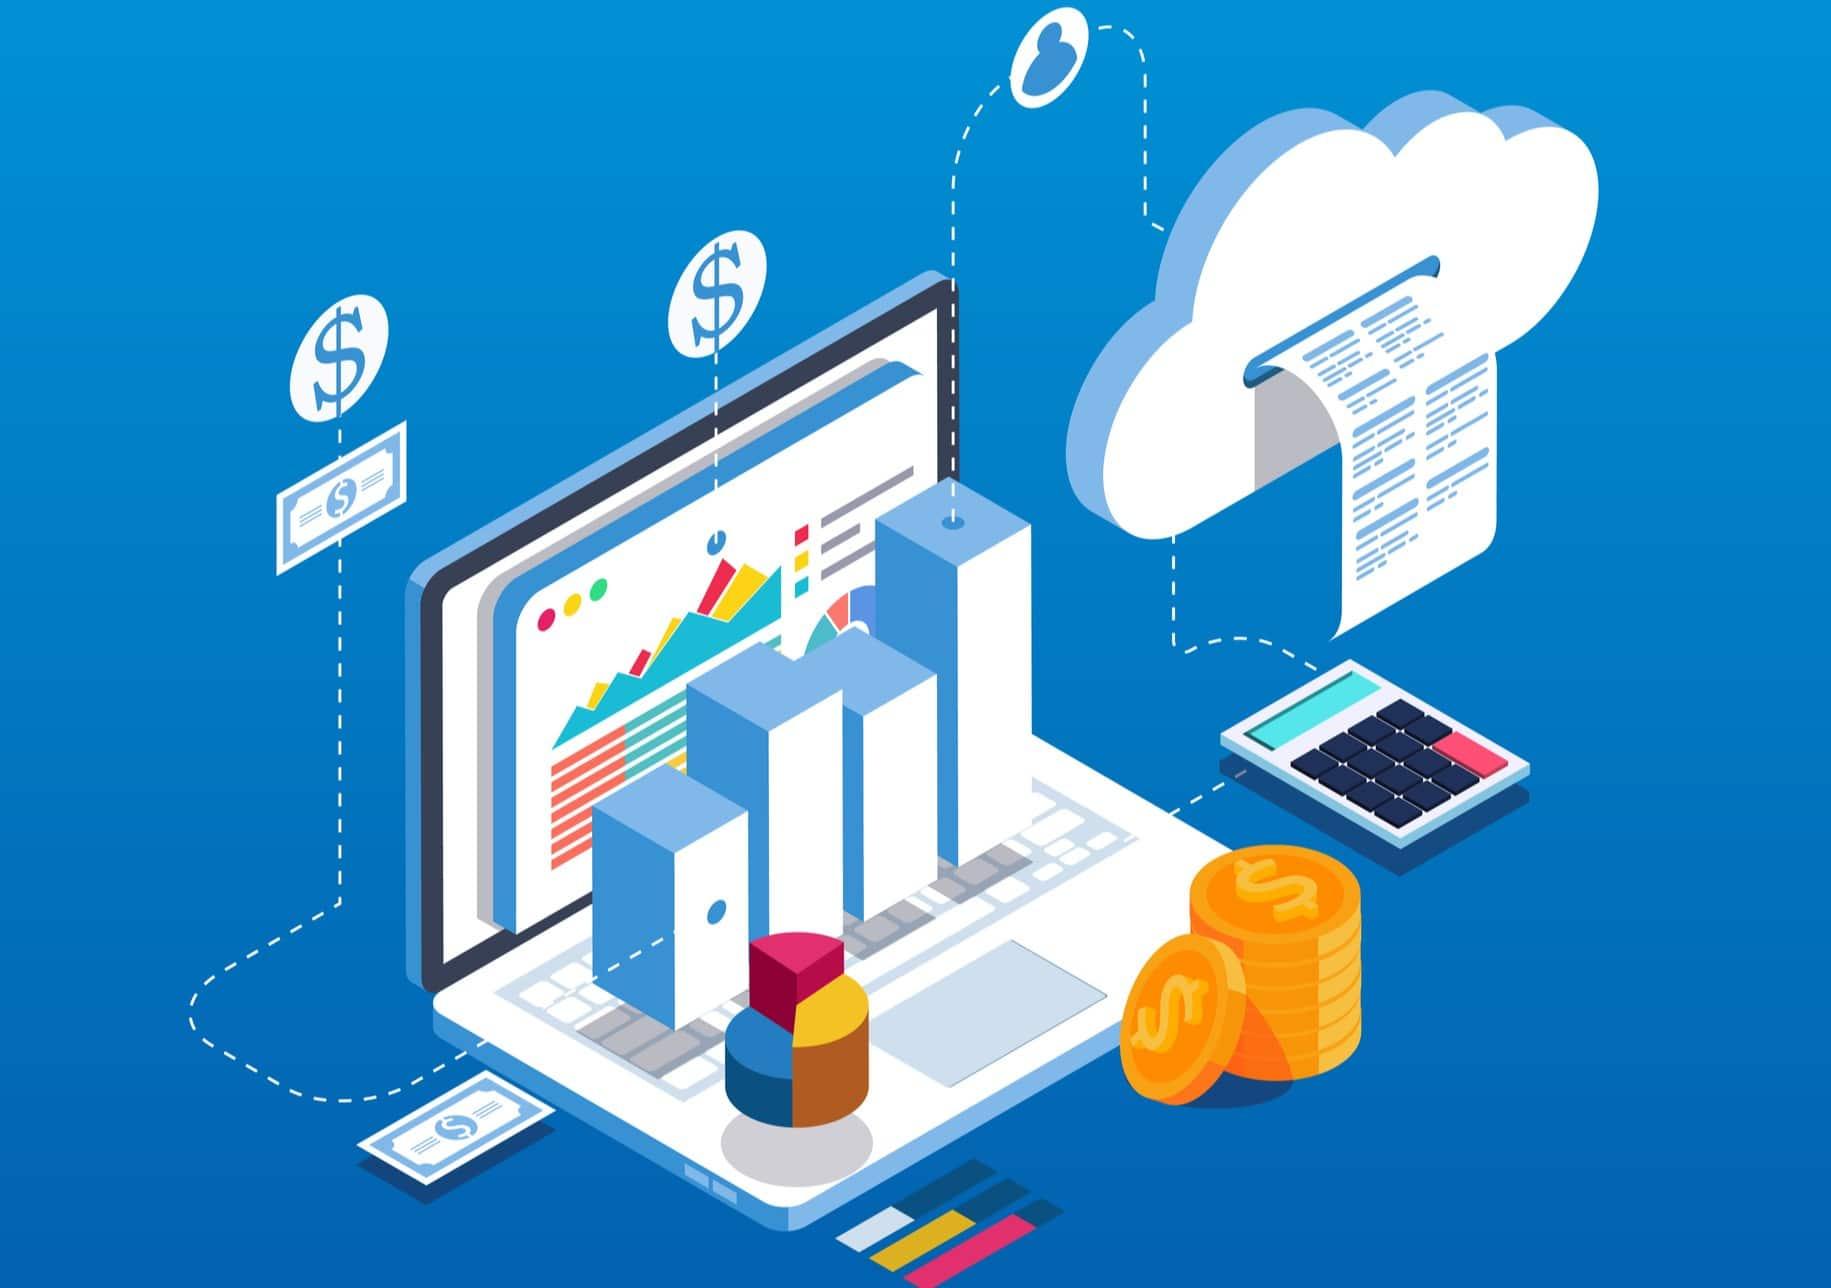 Criação de Sites, lojas virtuais e sistemas para pessoas físicas e empresas